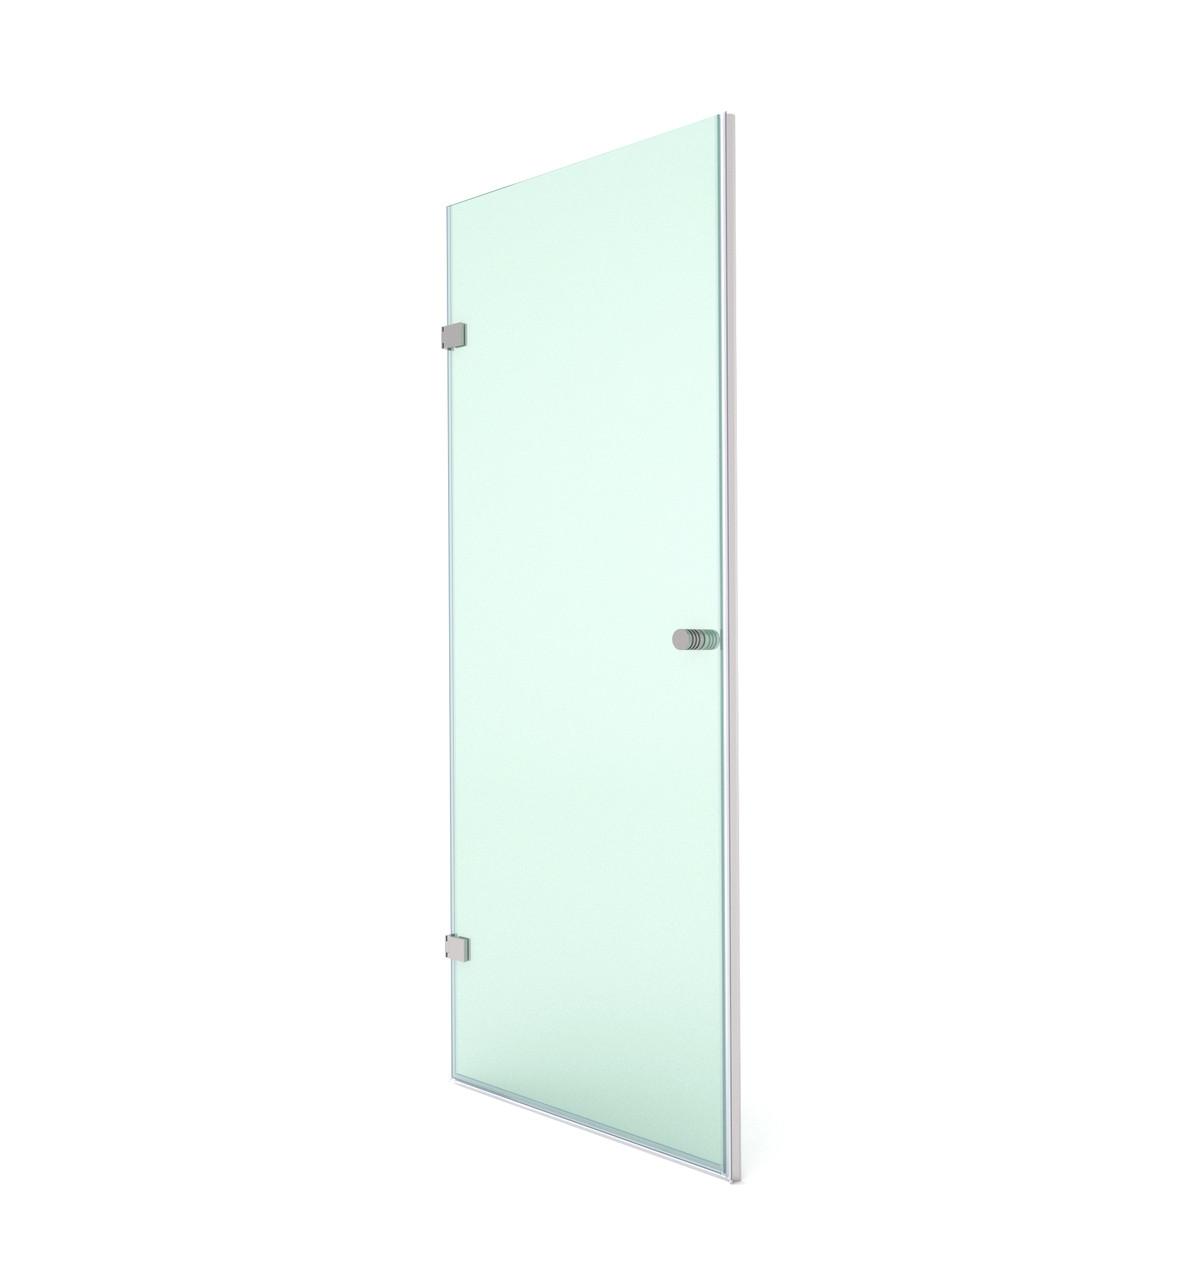 Стеклянная раздвижная дверь для душа, раздвижные душевые двери и стенки для душевой, душові двері дверь в ниш